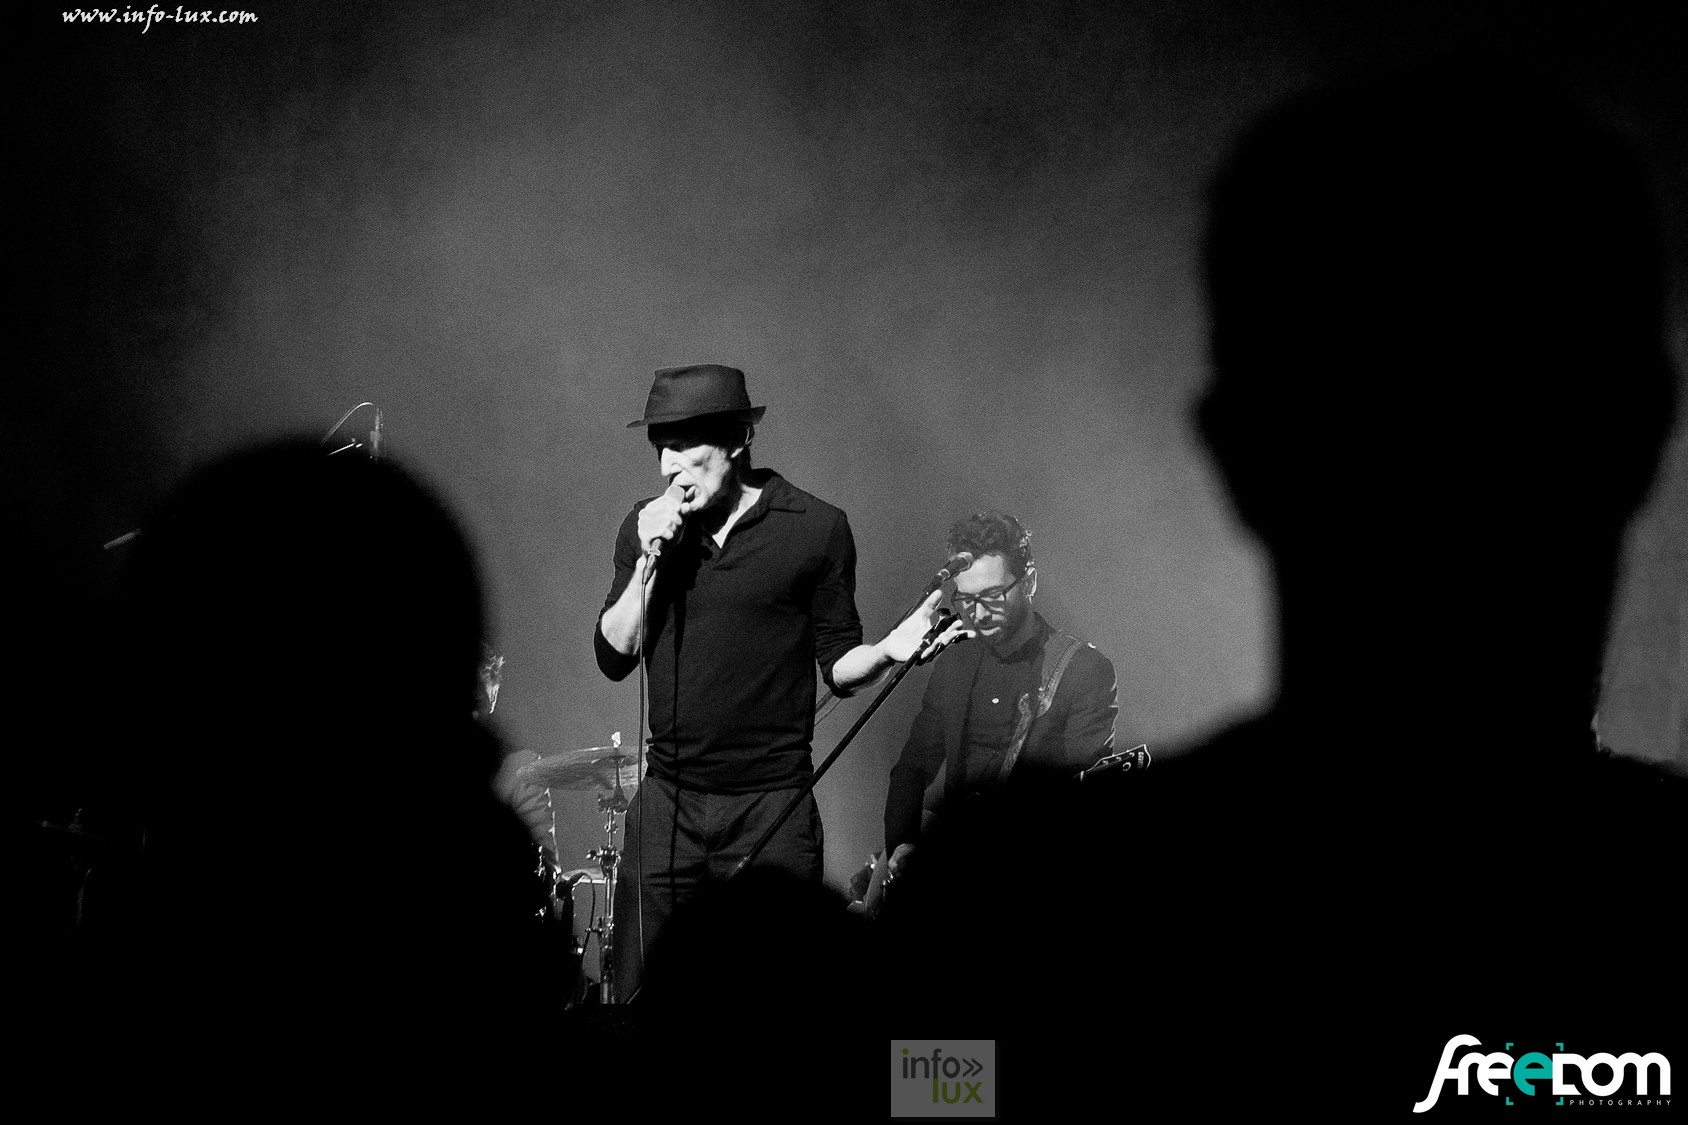 images/stories/PHOTOSREP/Bastogne/concert-moissec/2014-_miossec_bastogne-0645_LR_fp